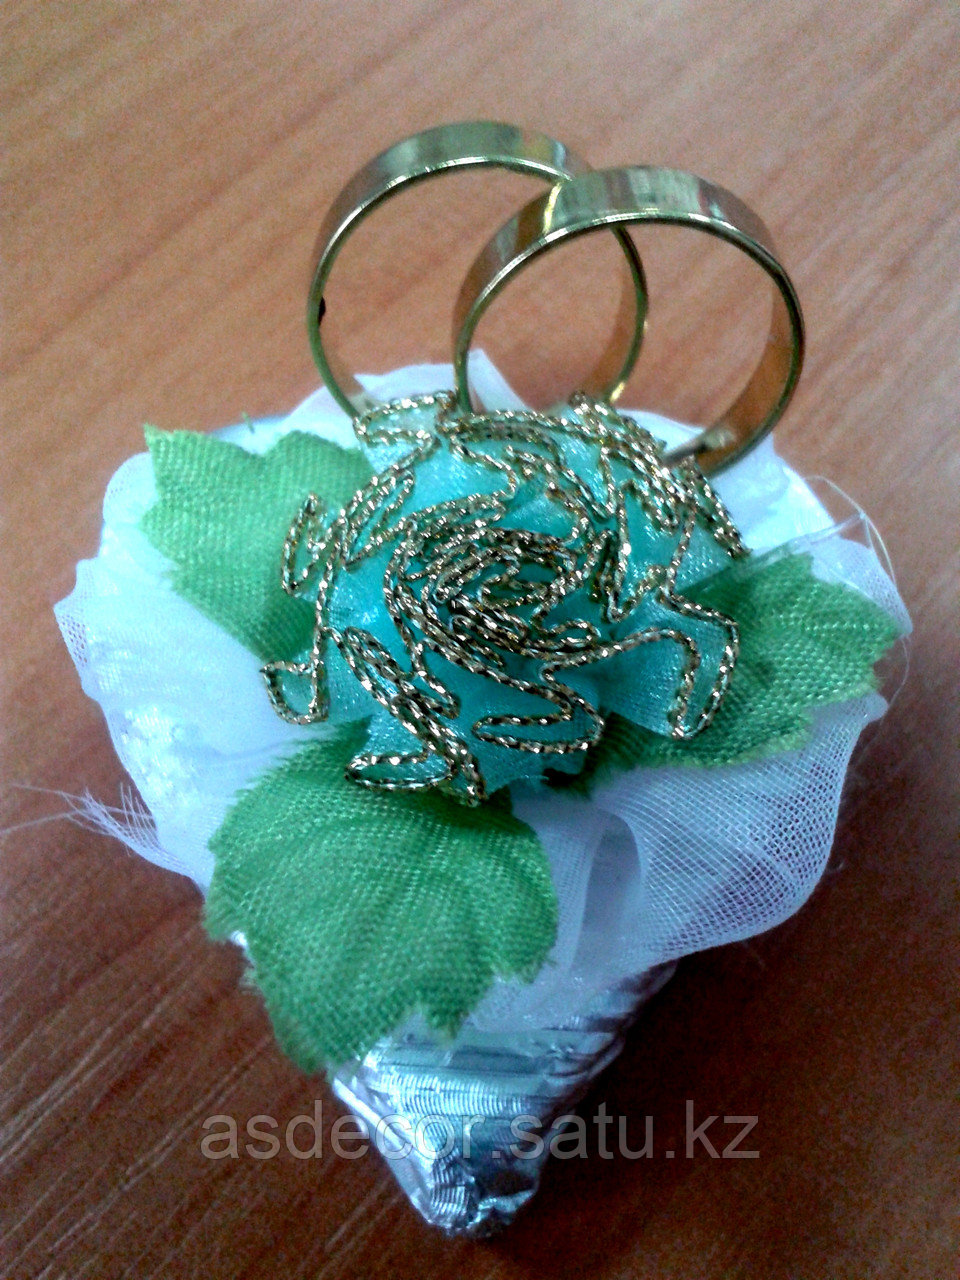 Шоколадные Бонбоньерки на свадьбу с кольцом. - фото 3